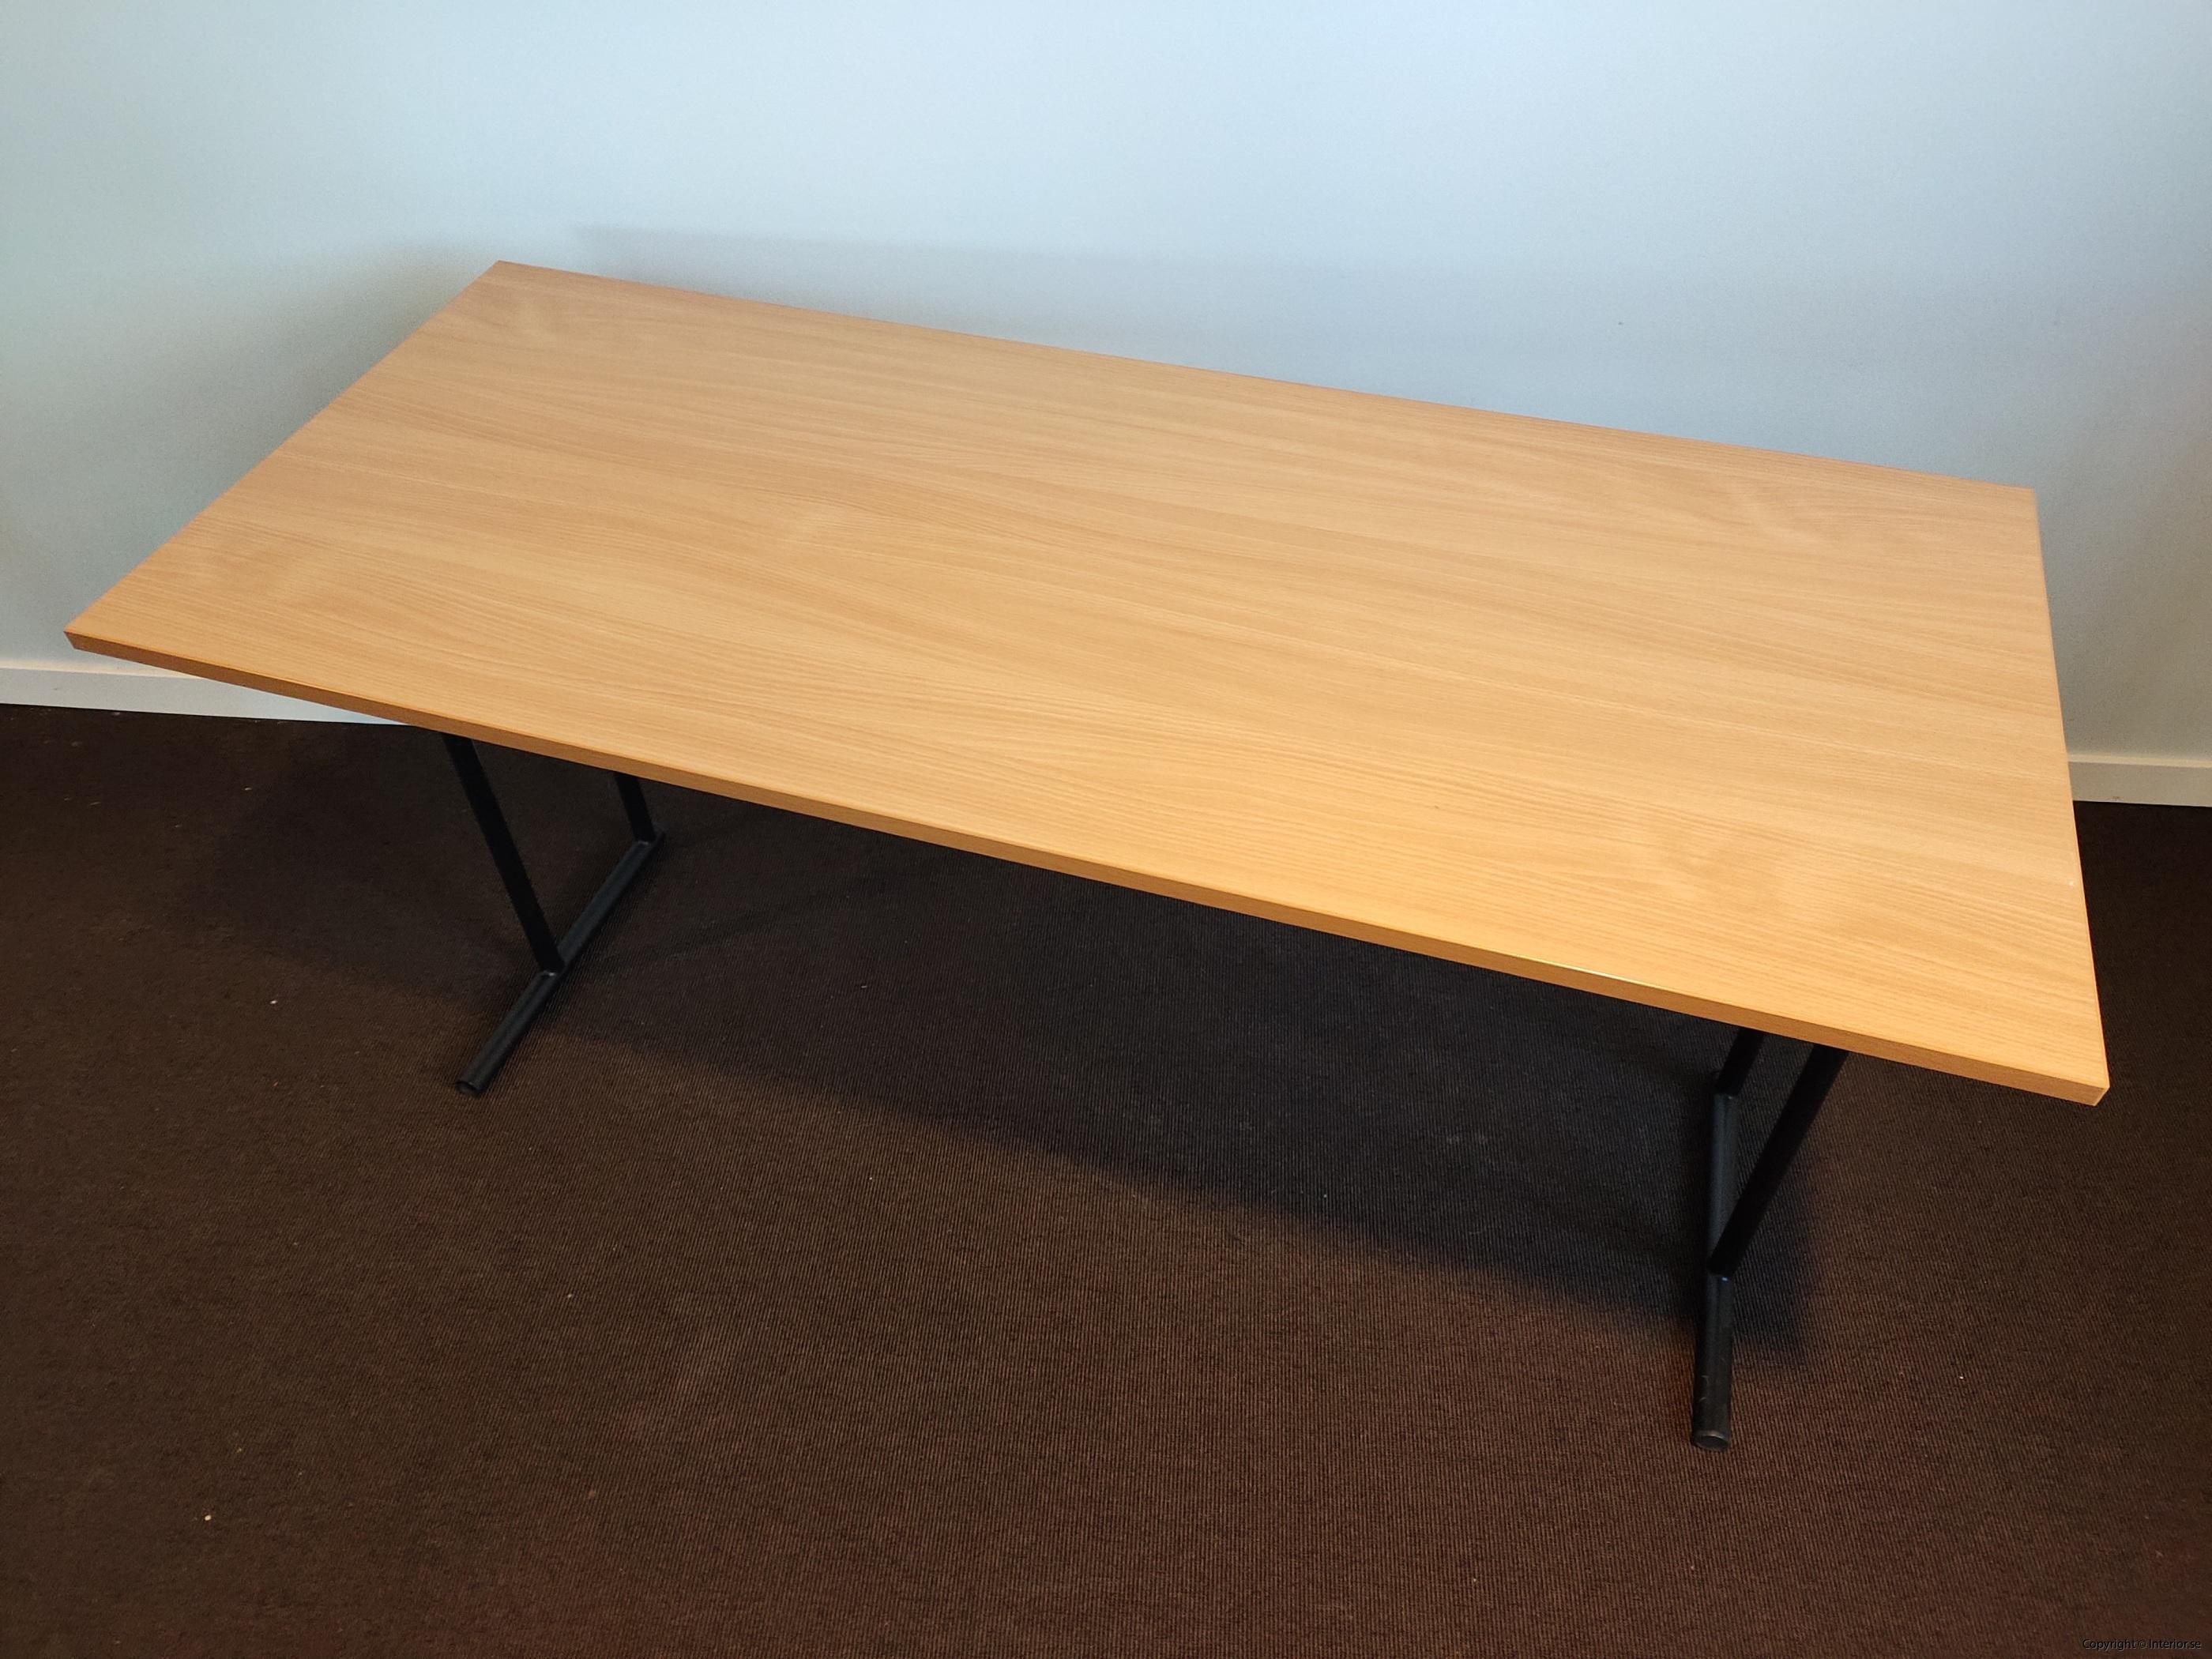 Fällbara bord  hopfällbara bord i bok - 140 x 60 cm (2)